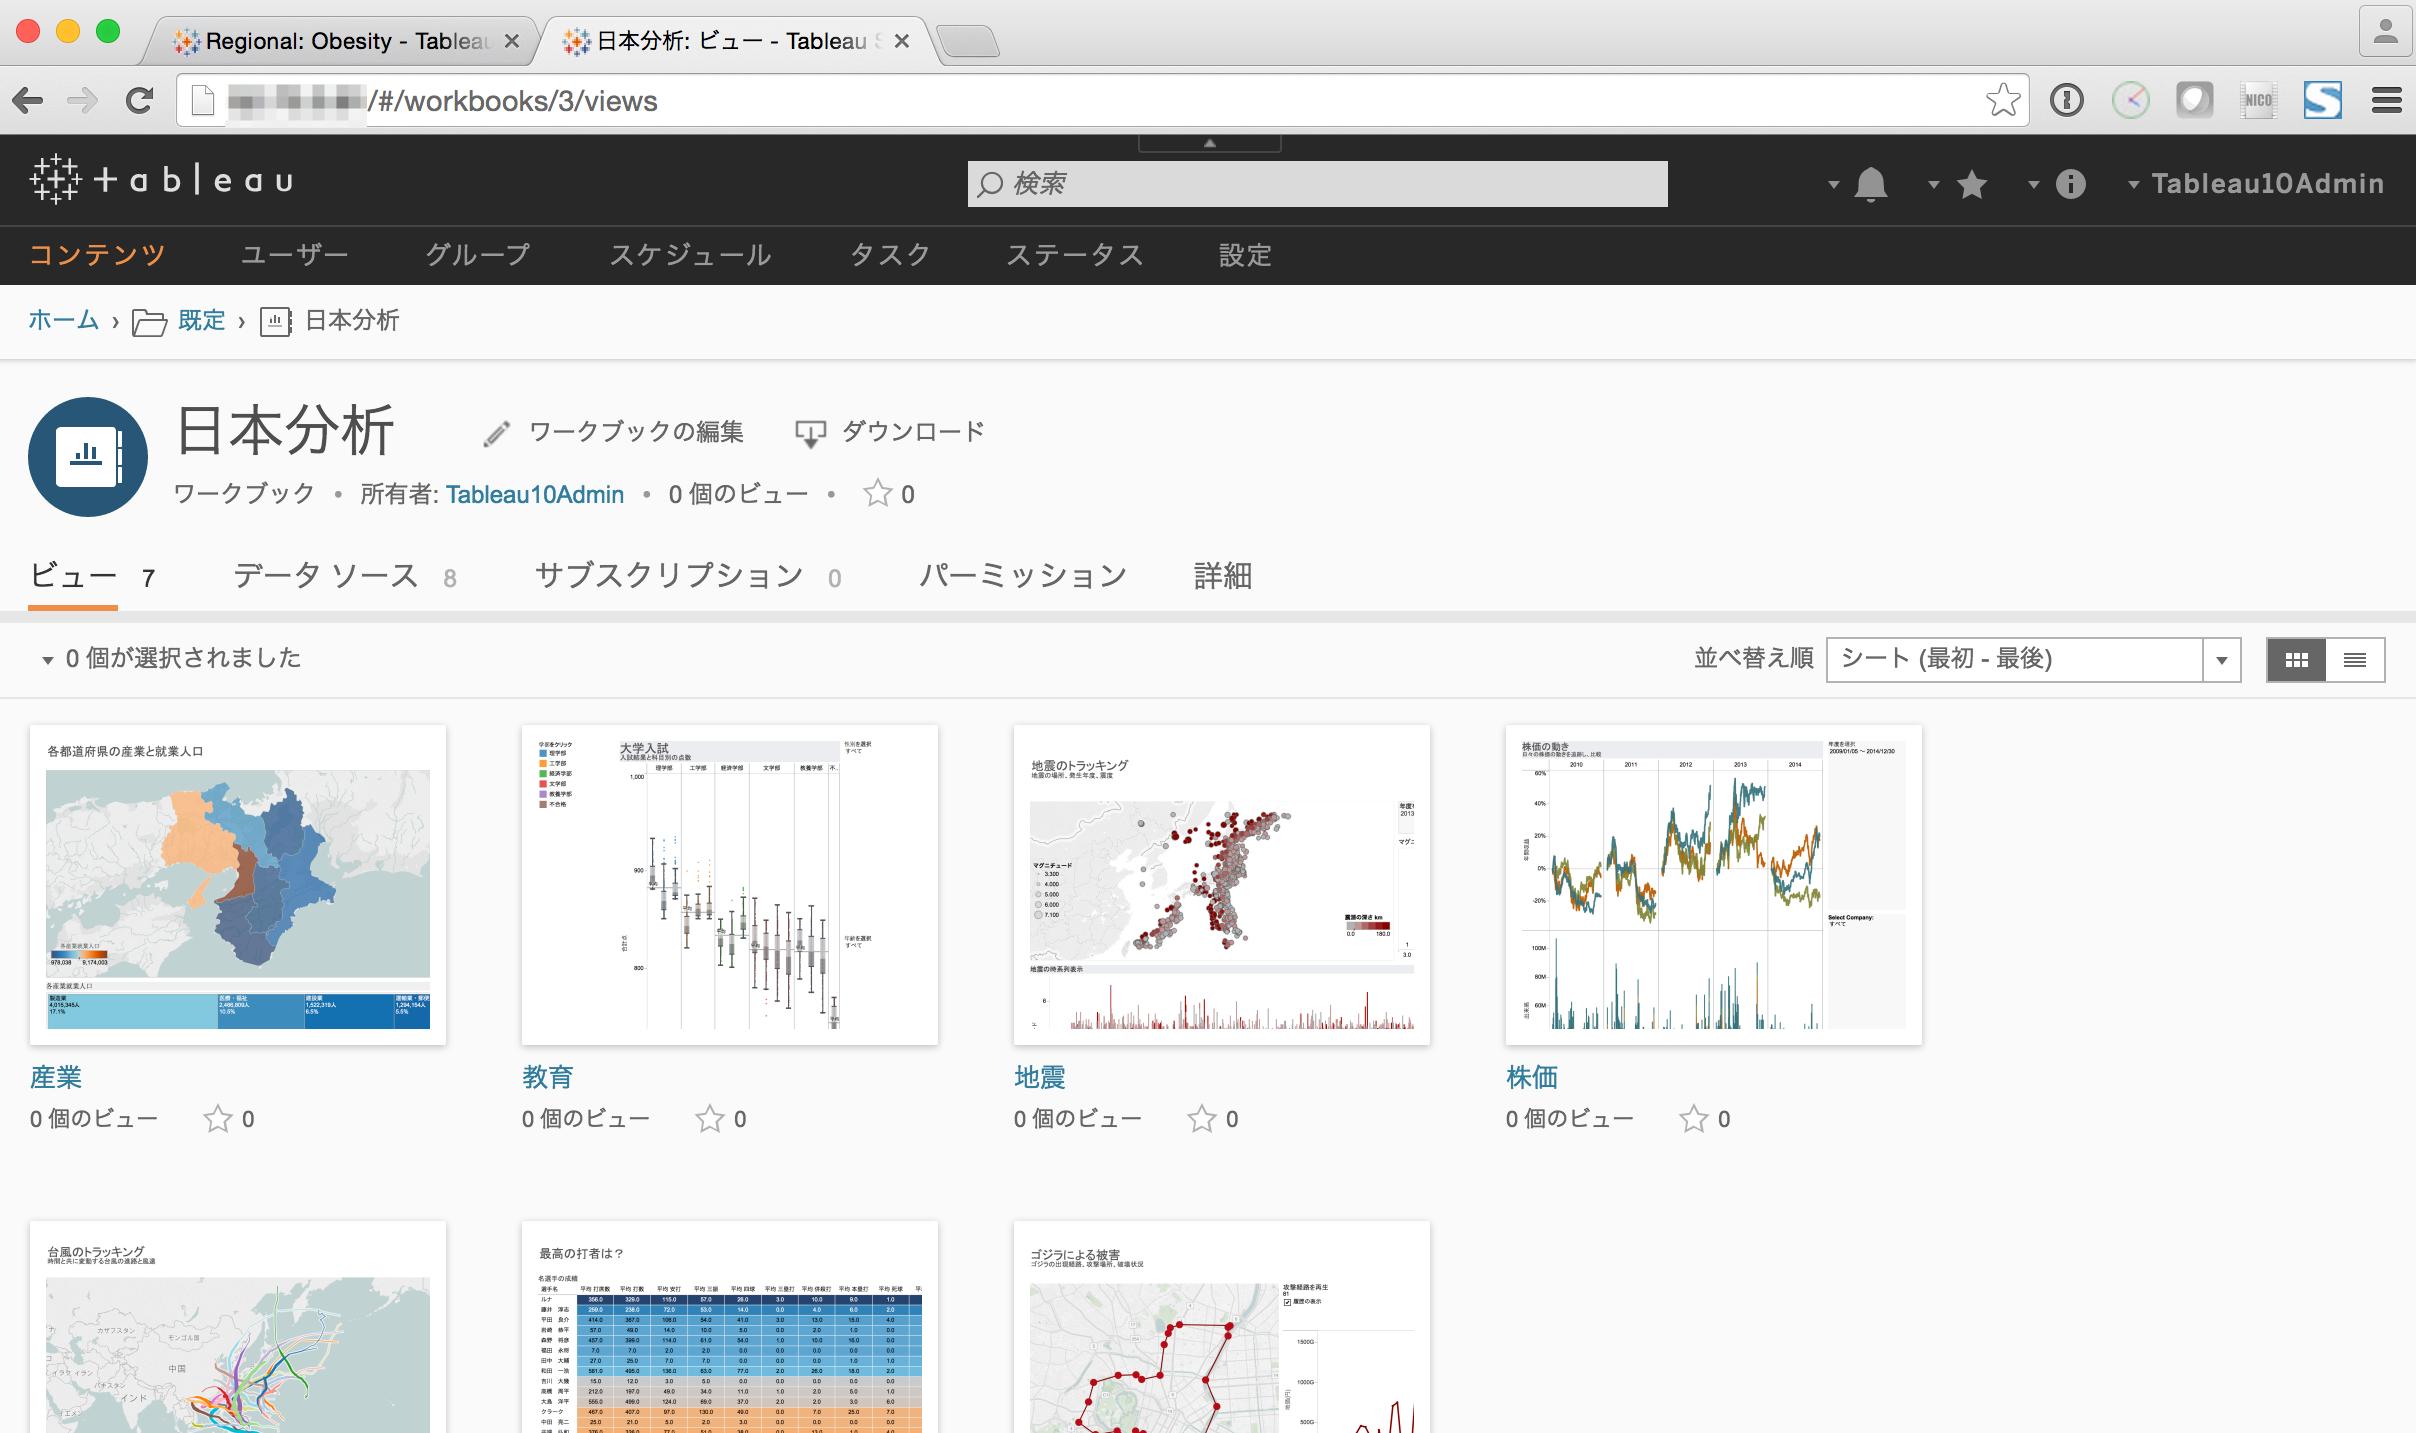 tableau-server-publish-flow_07